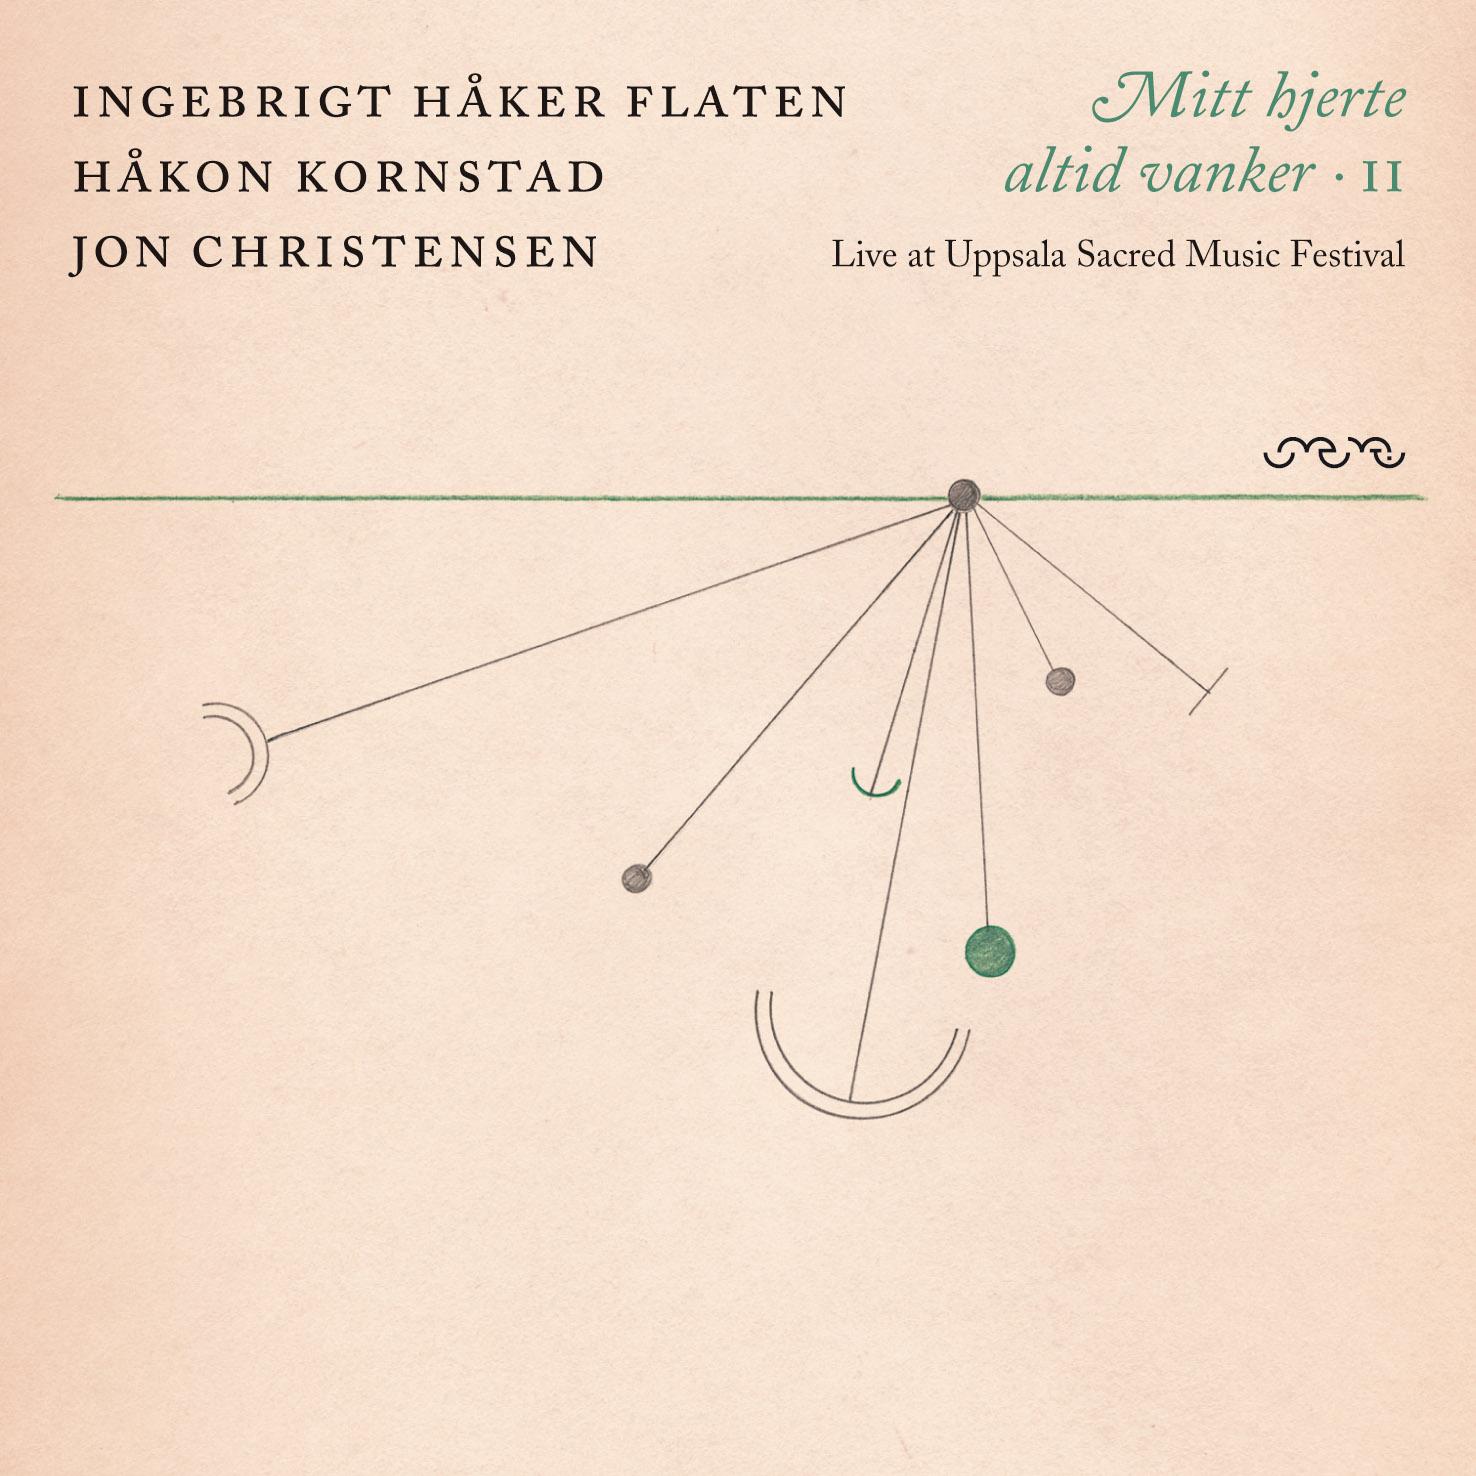 Mitt Hjerte Altid Vanker II - Album Cover